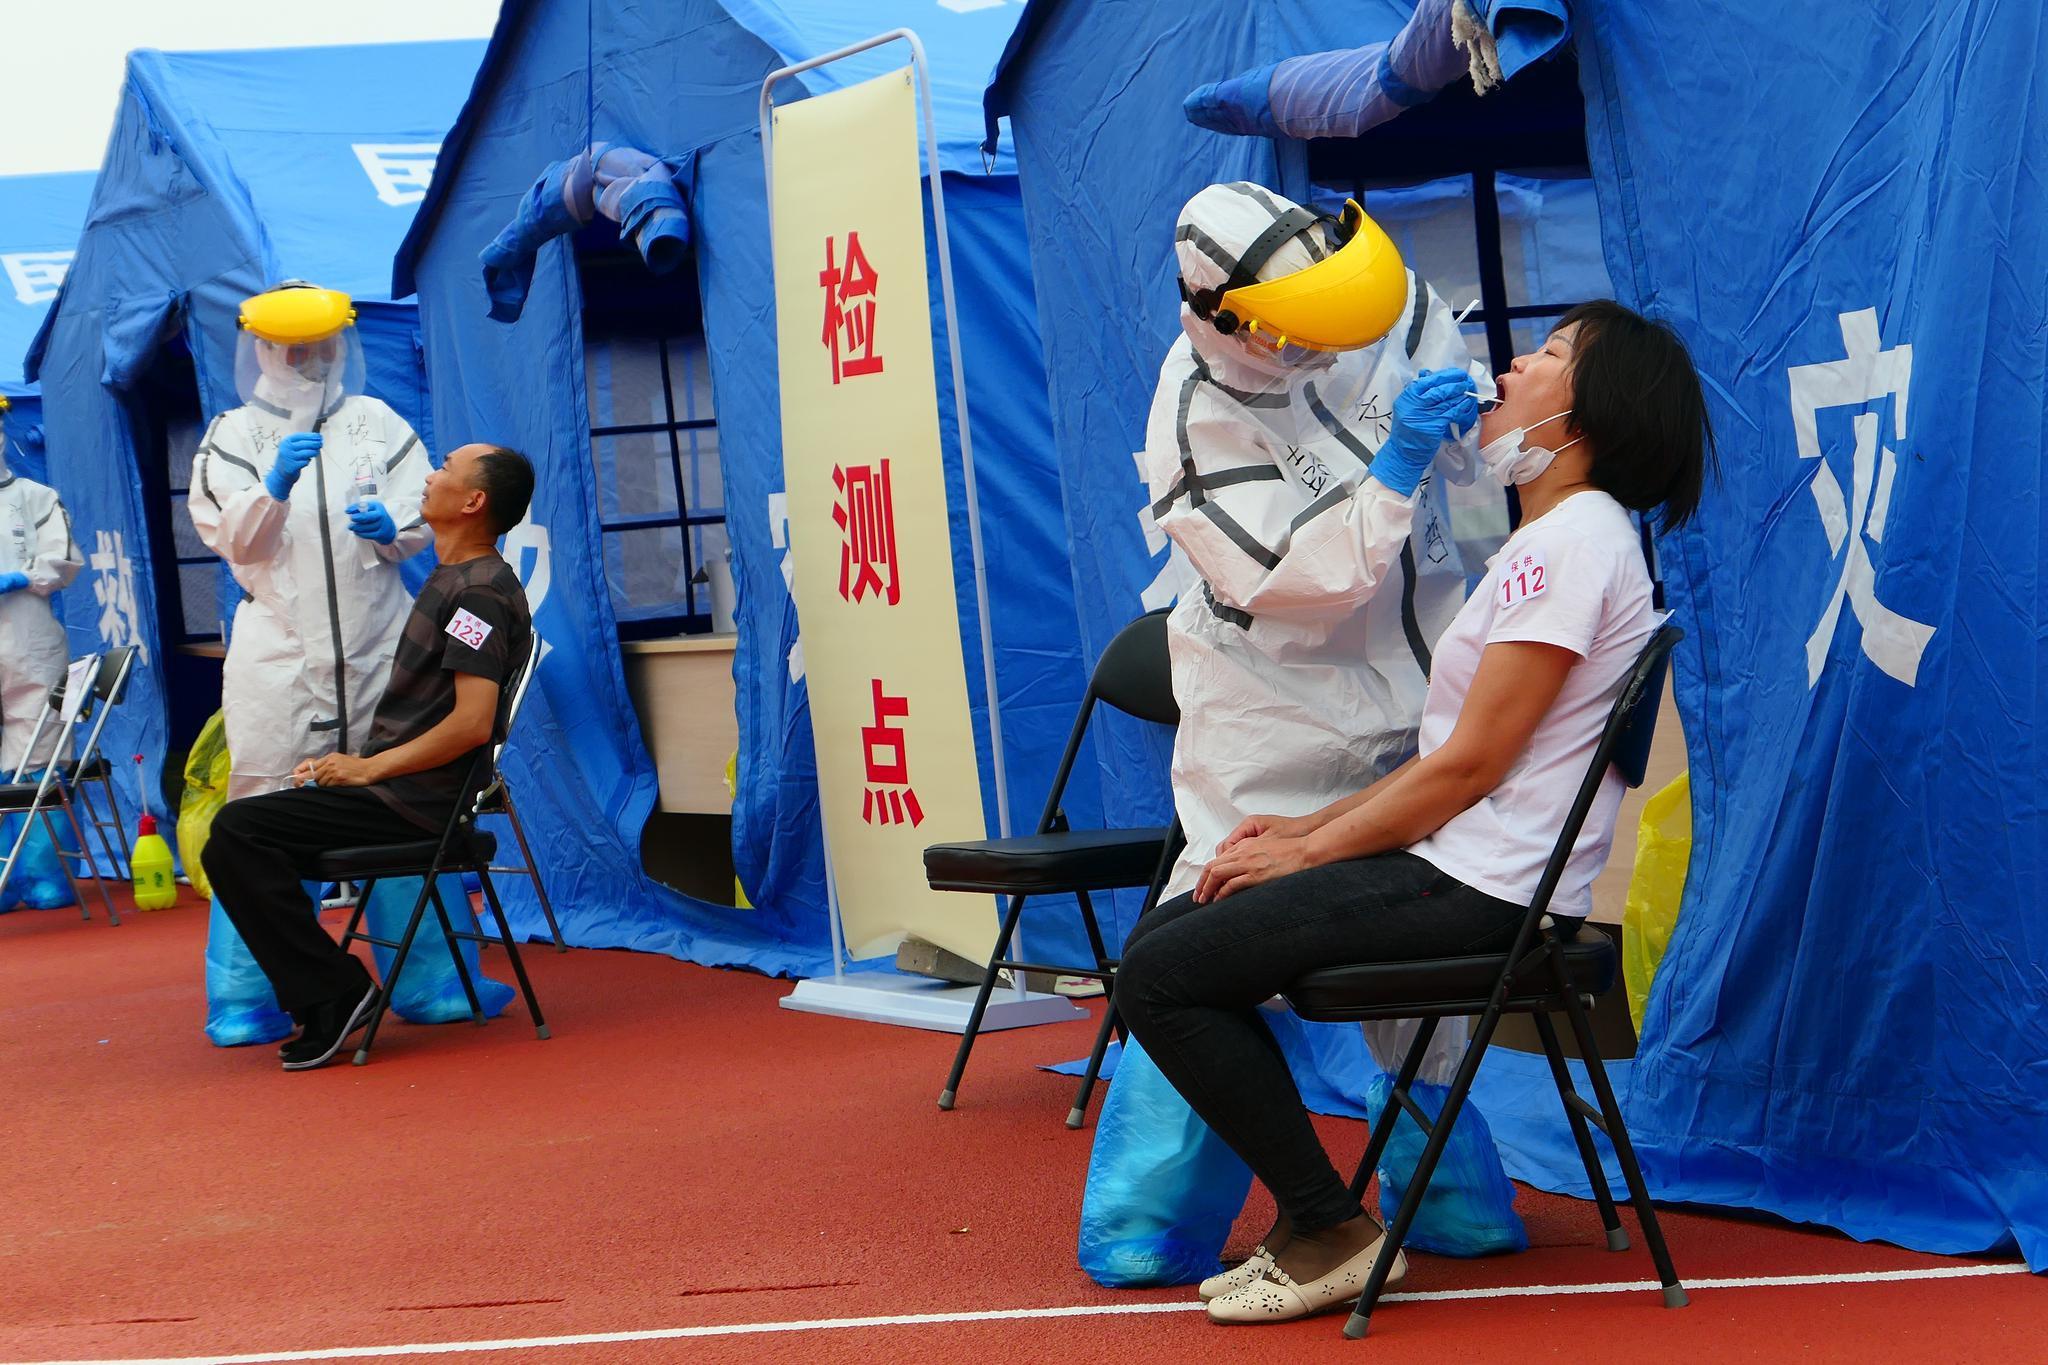 北京东城已检测1.6万人,已反馈的检测结果都为阴性图片